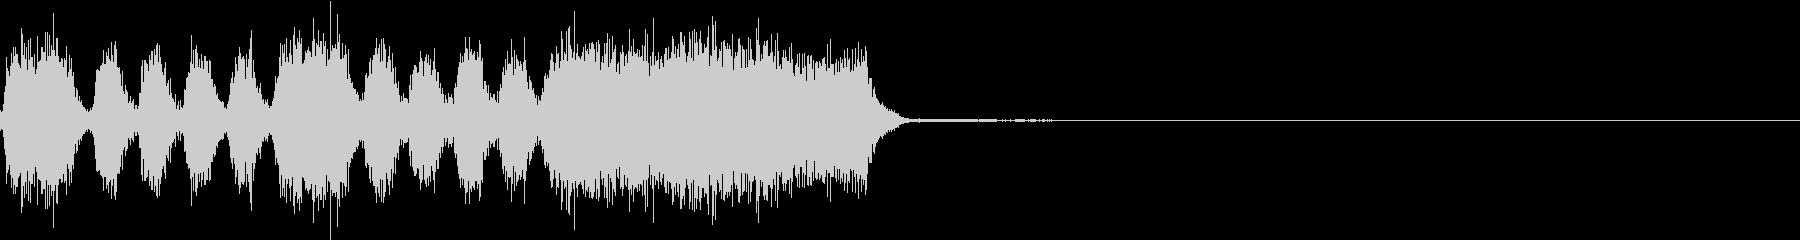 シンプル ファンファーレ 成功 完成 Cの未再生の波形